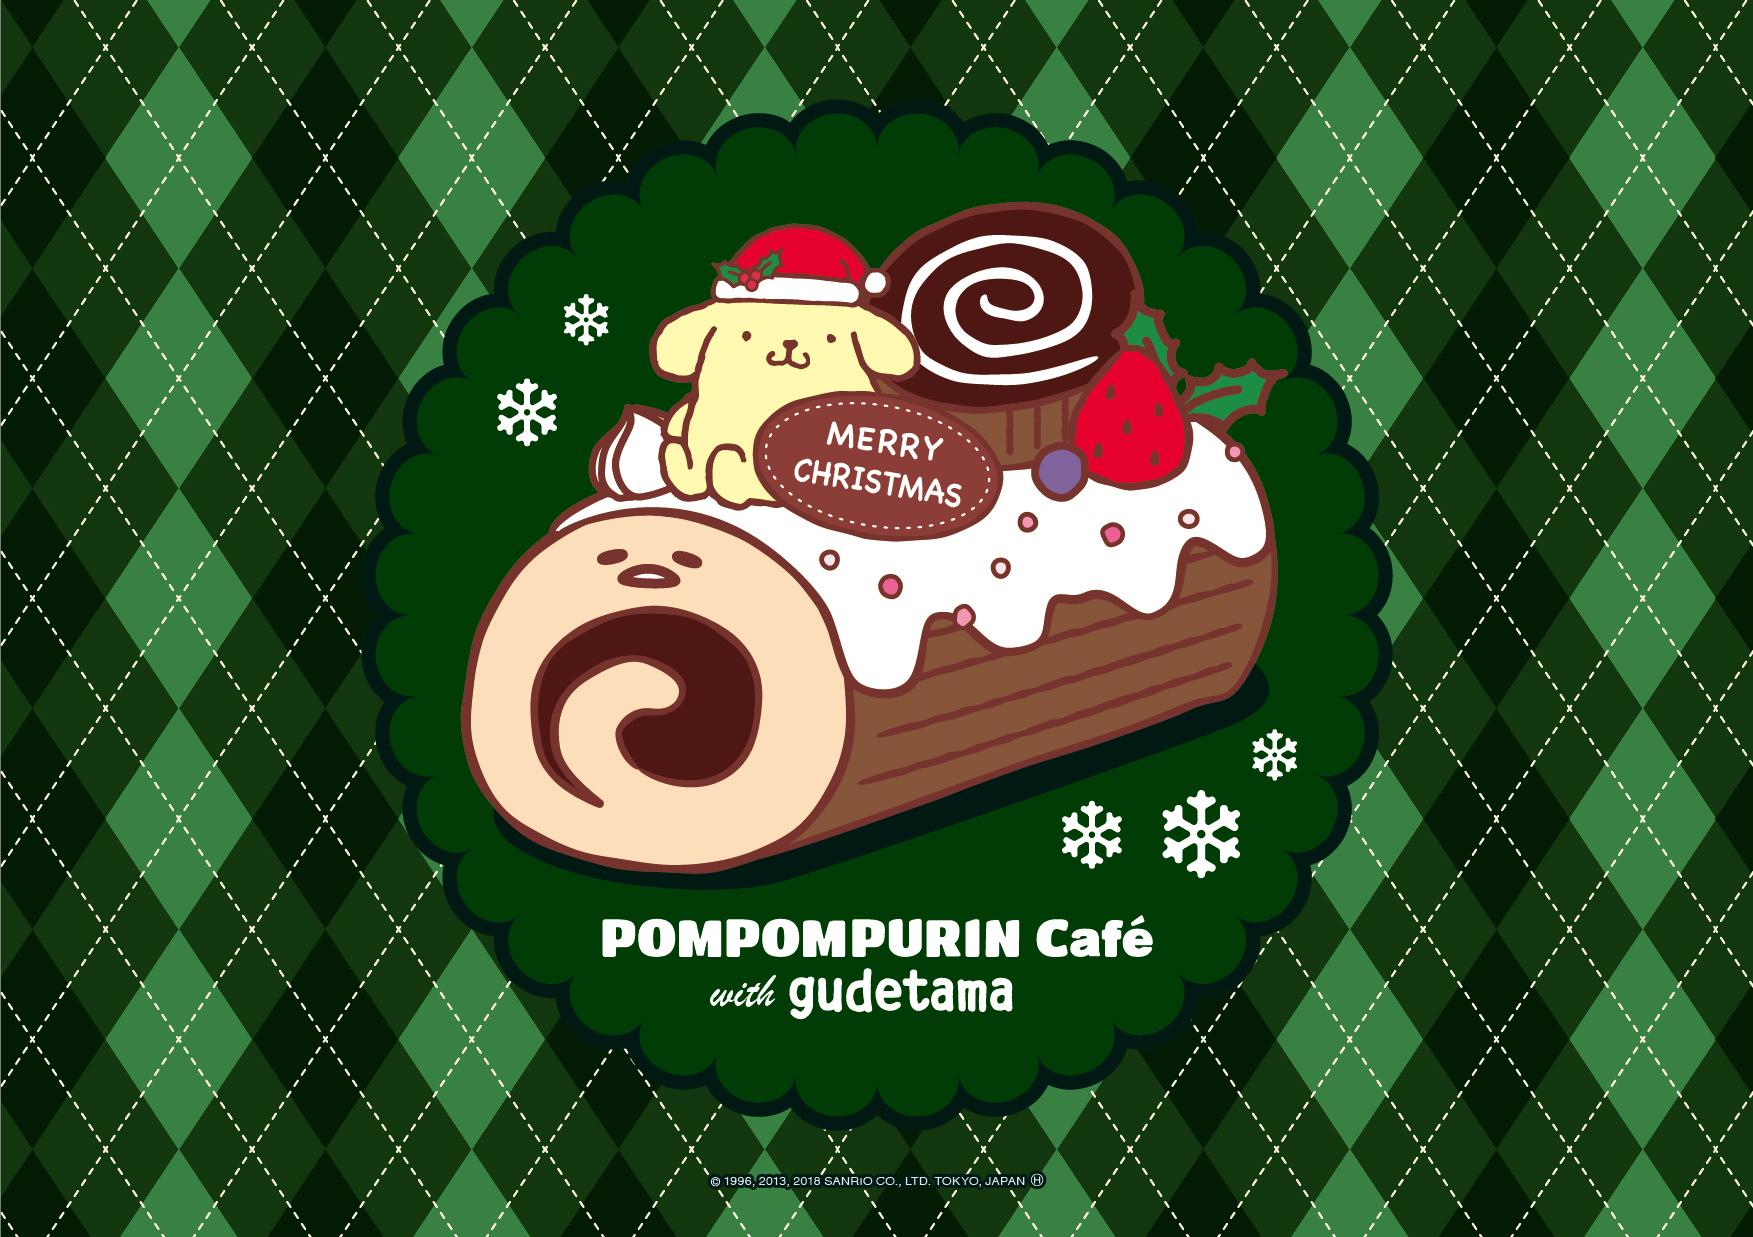 可愛すぎて食べられない ポムポムプリン ぐでたま クリスマス